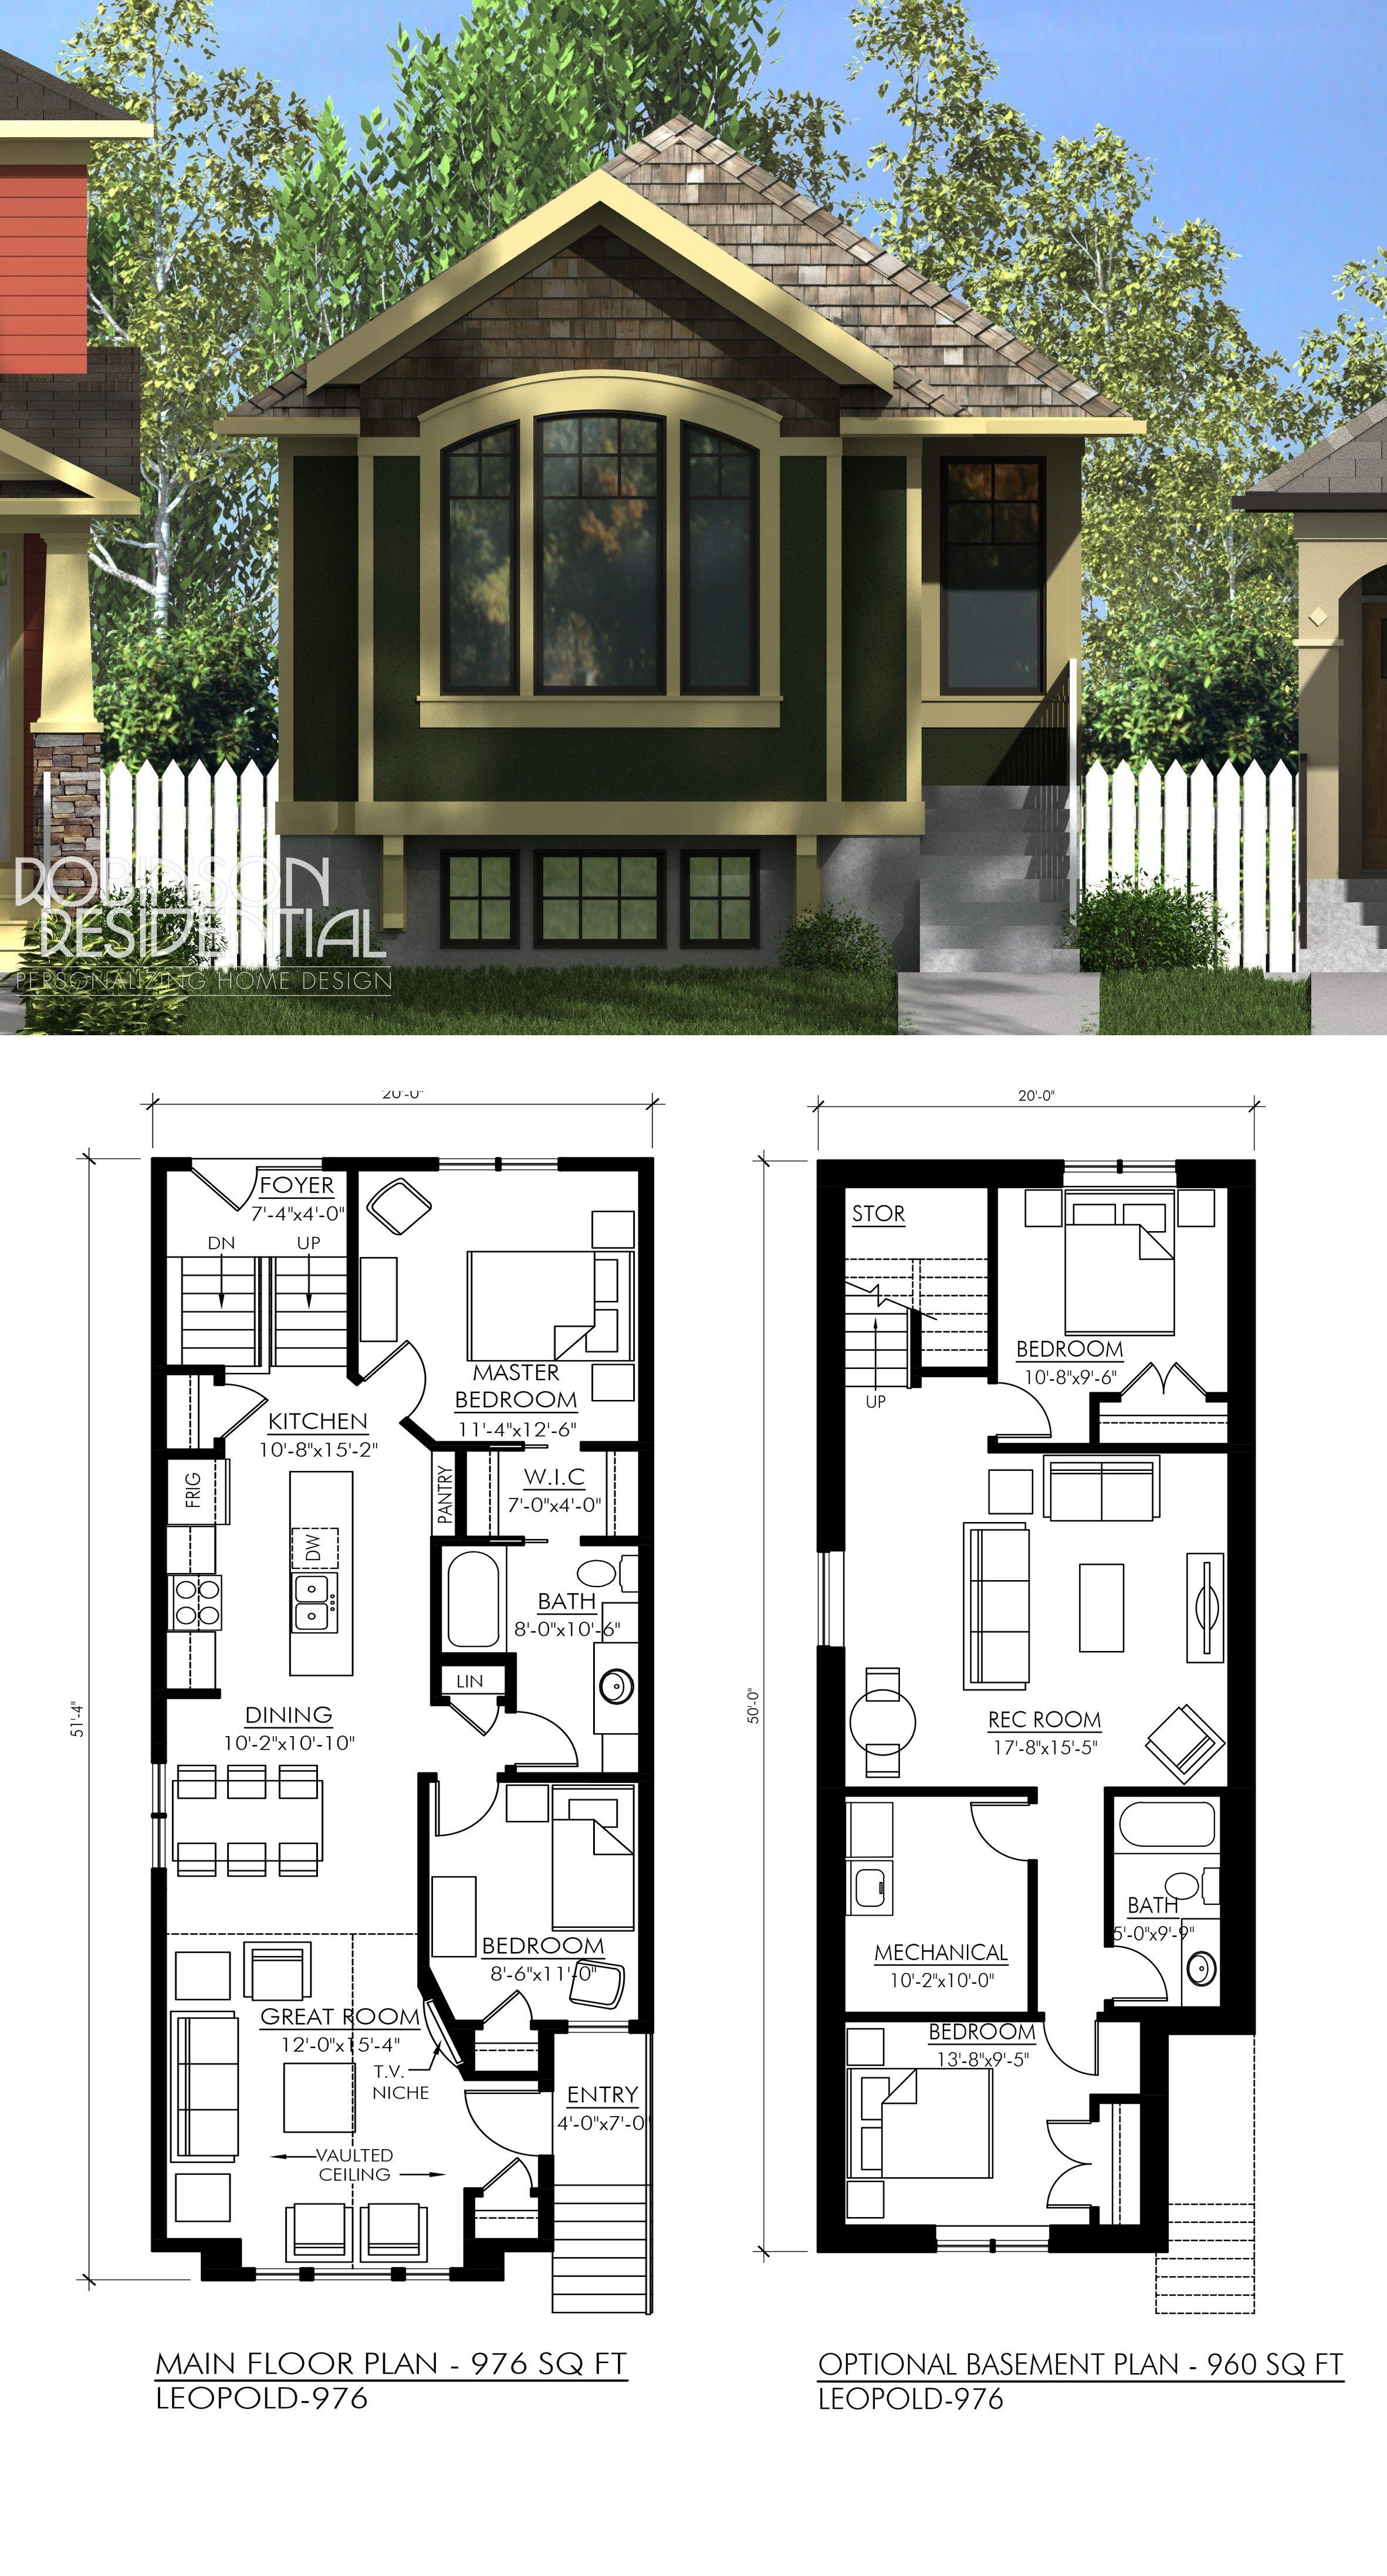 976 sq ft 2 bedroom 1 bathroom household - 1 bedroom basement apartment floor plans ...